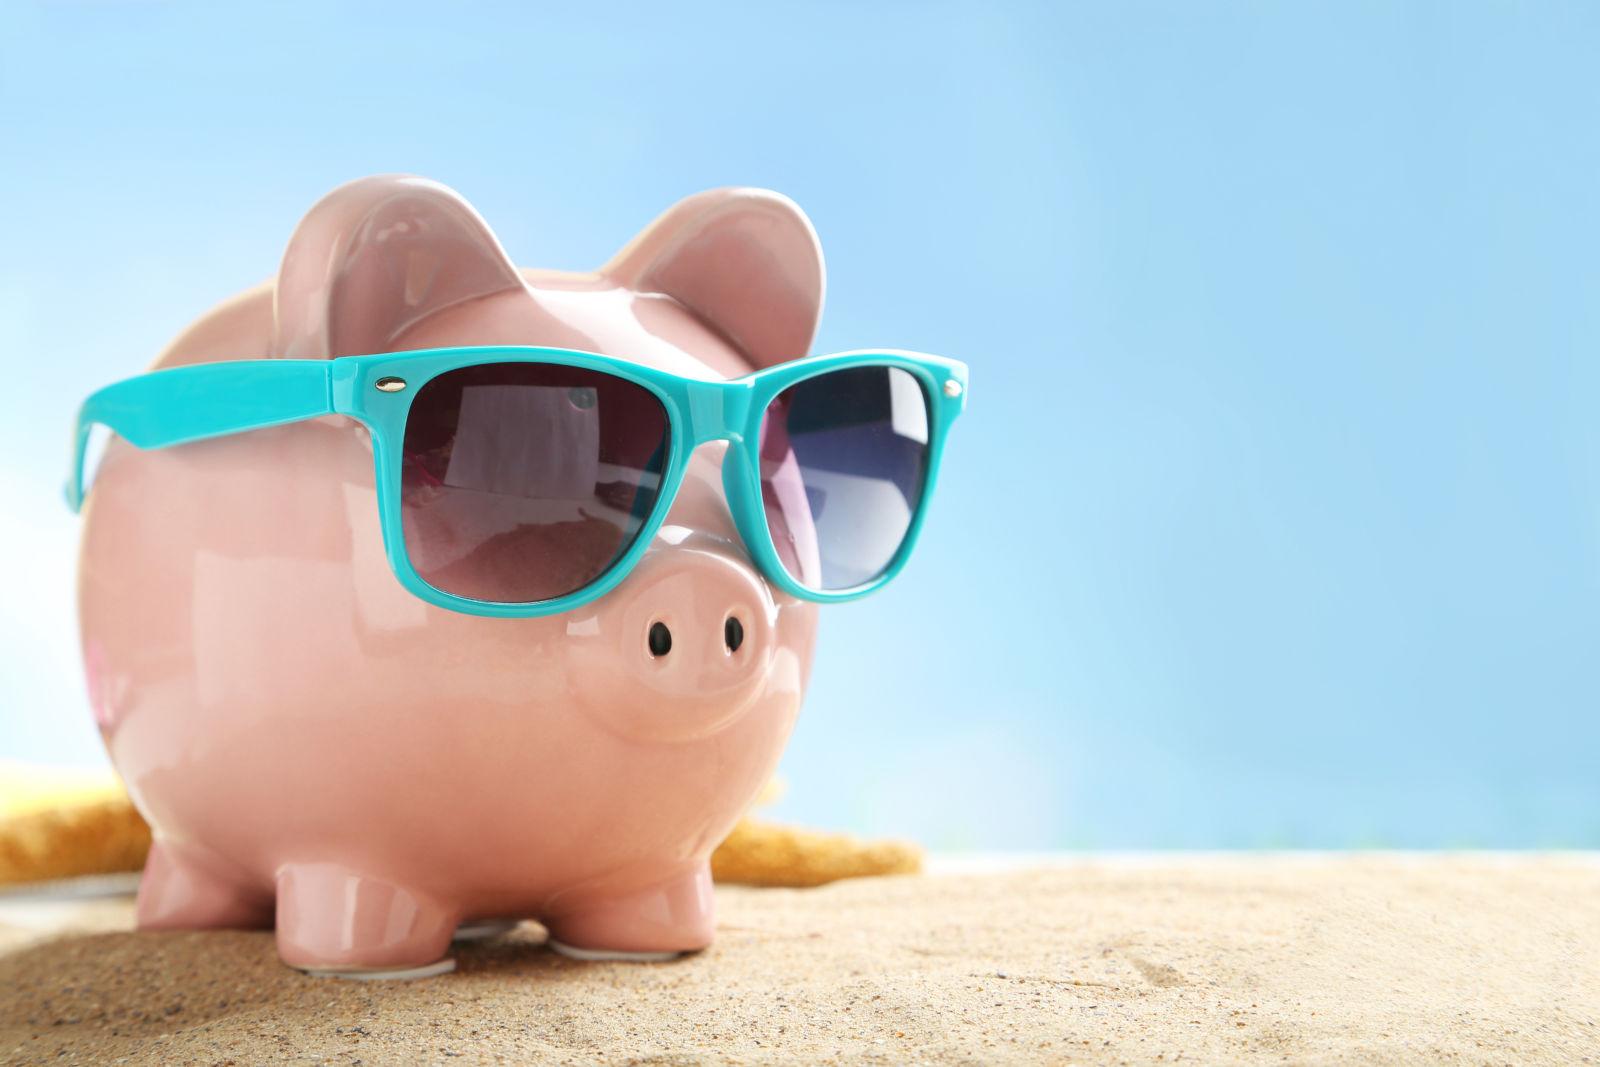 piggy bank, Money